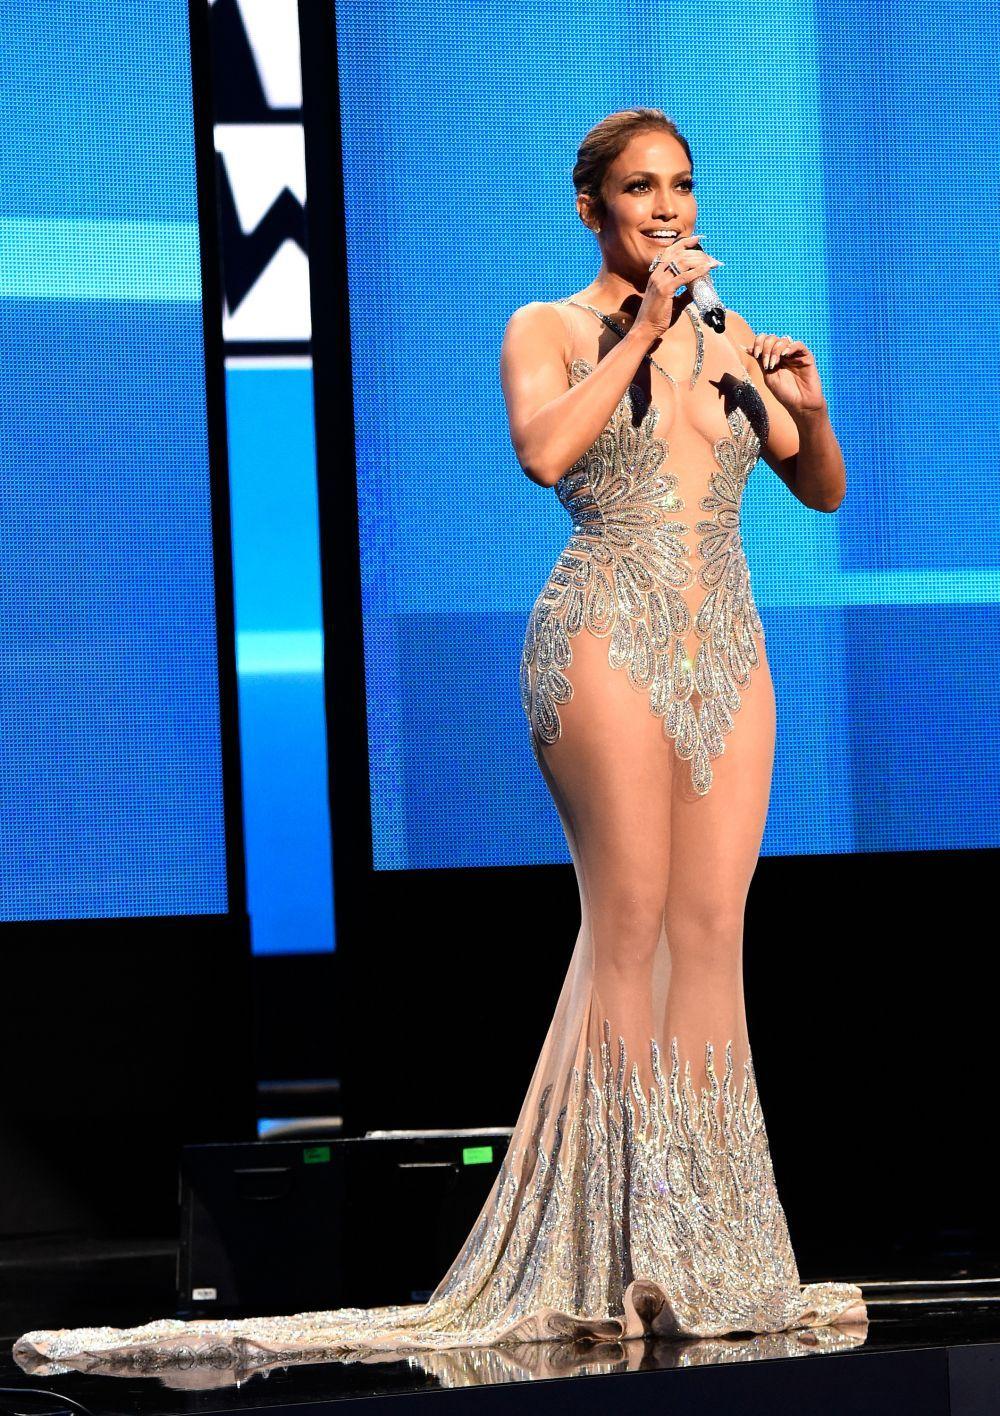 totul-la-vedere-j-lo-scandalos-de-sexy-la-american-music-awards-iata-tinutele-care-au-fascinat-pe-toata_5